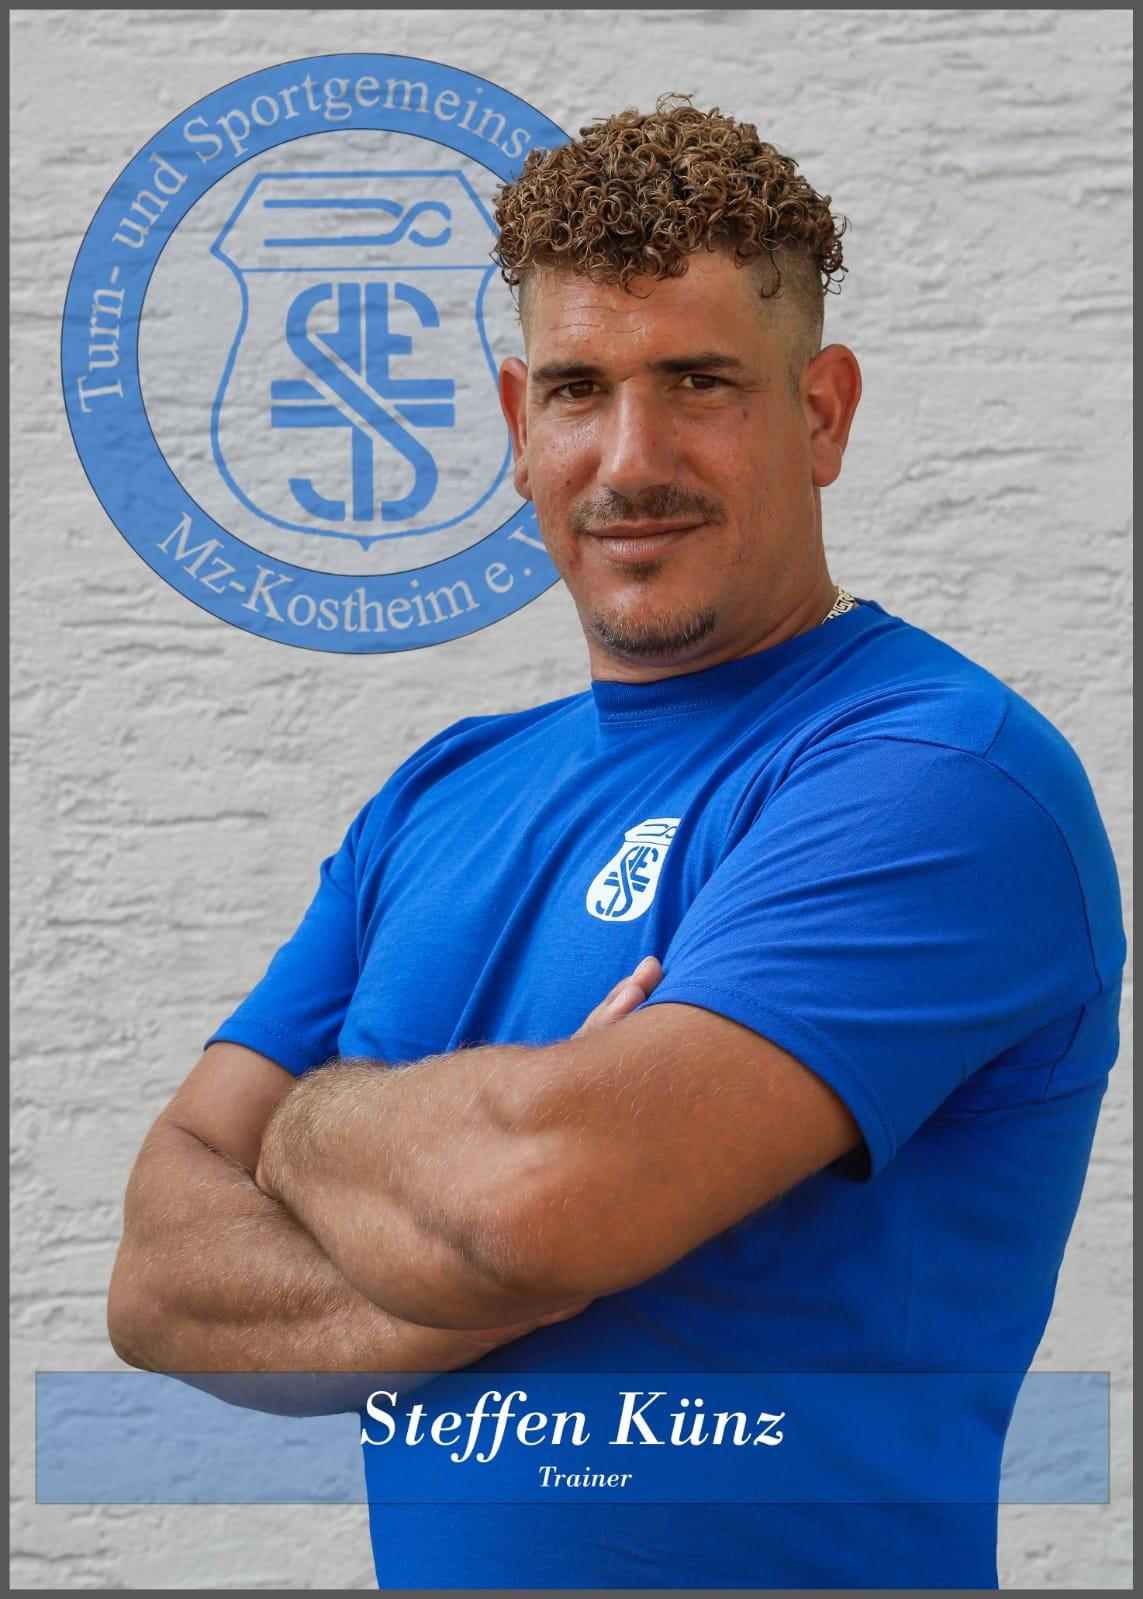 Steffen Künz